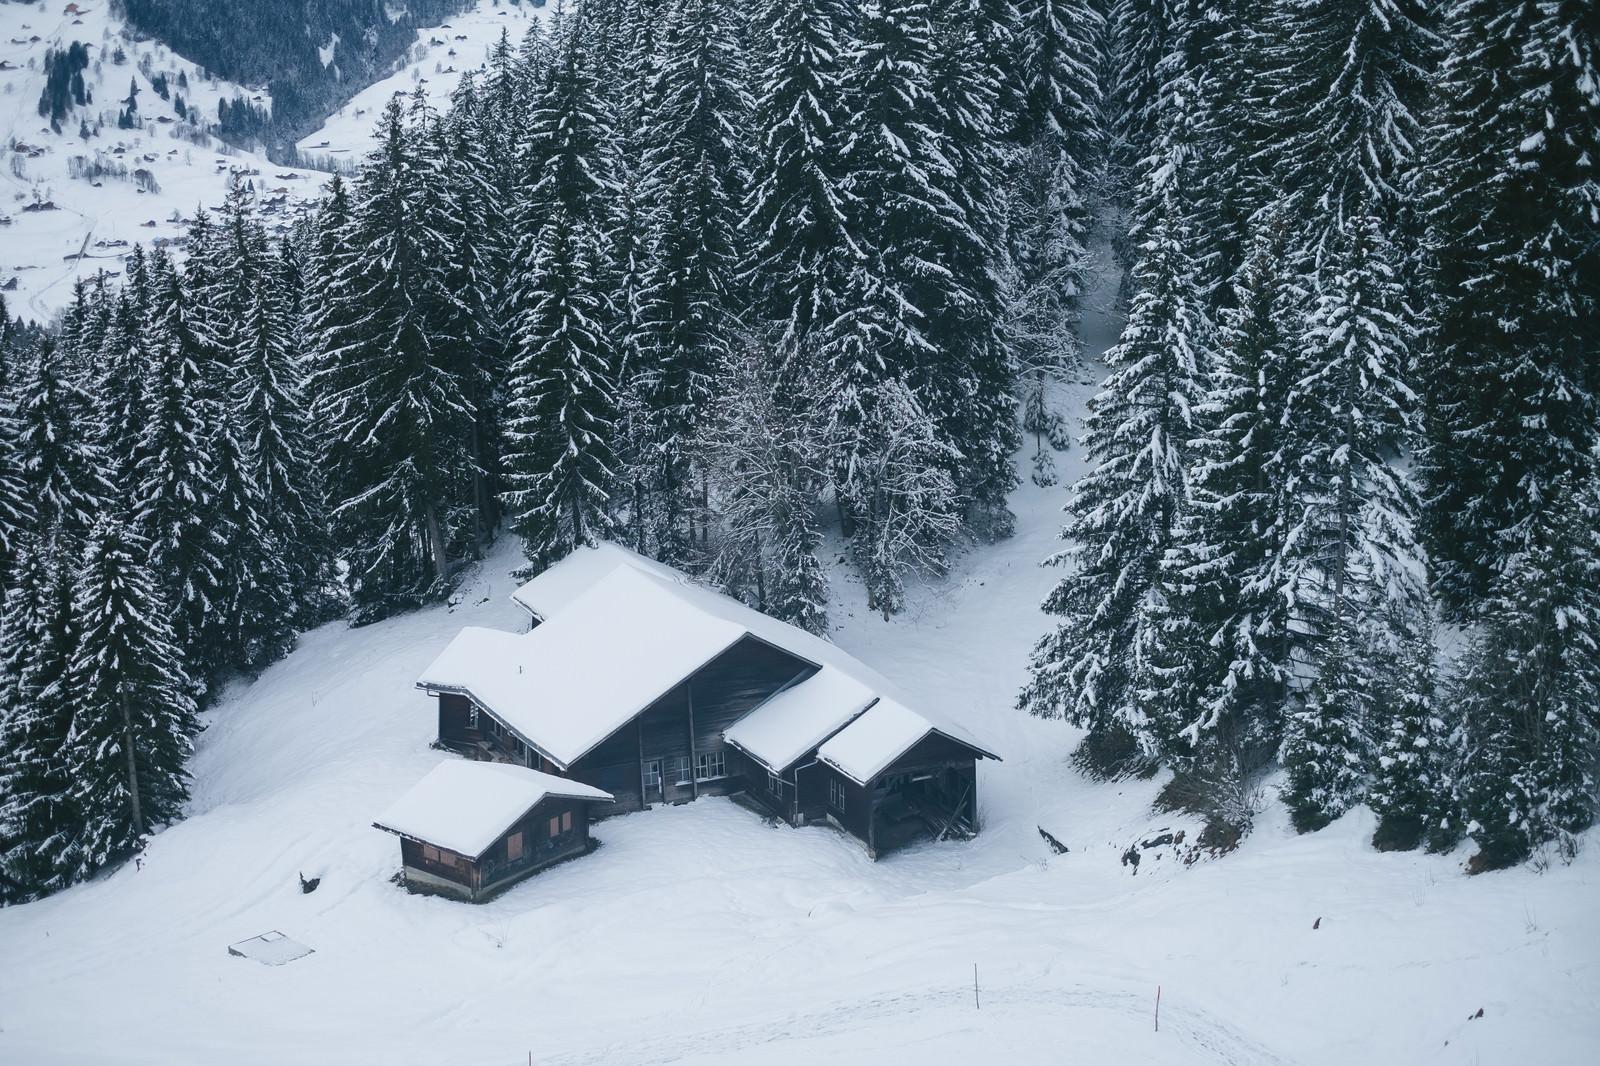 「雪の中の山小屋(スイス)」の写真